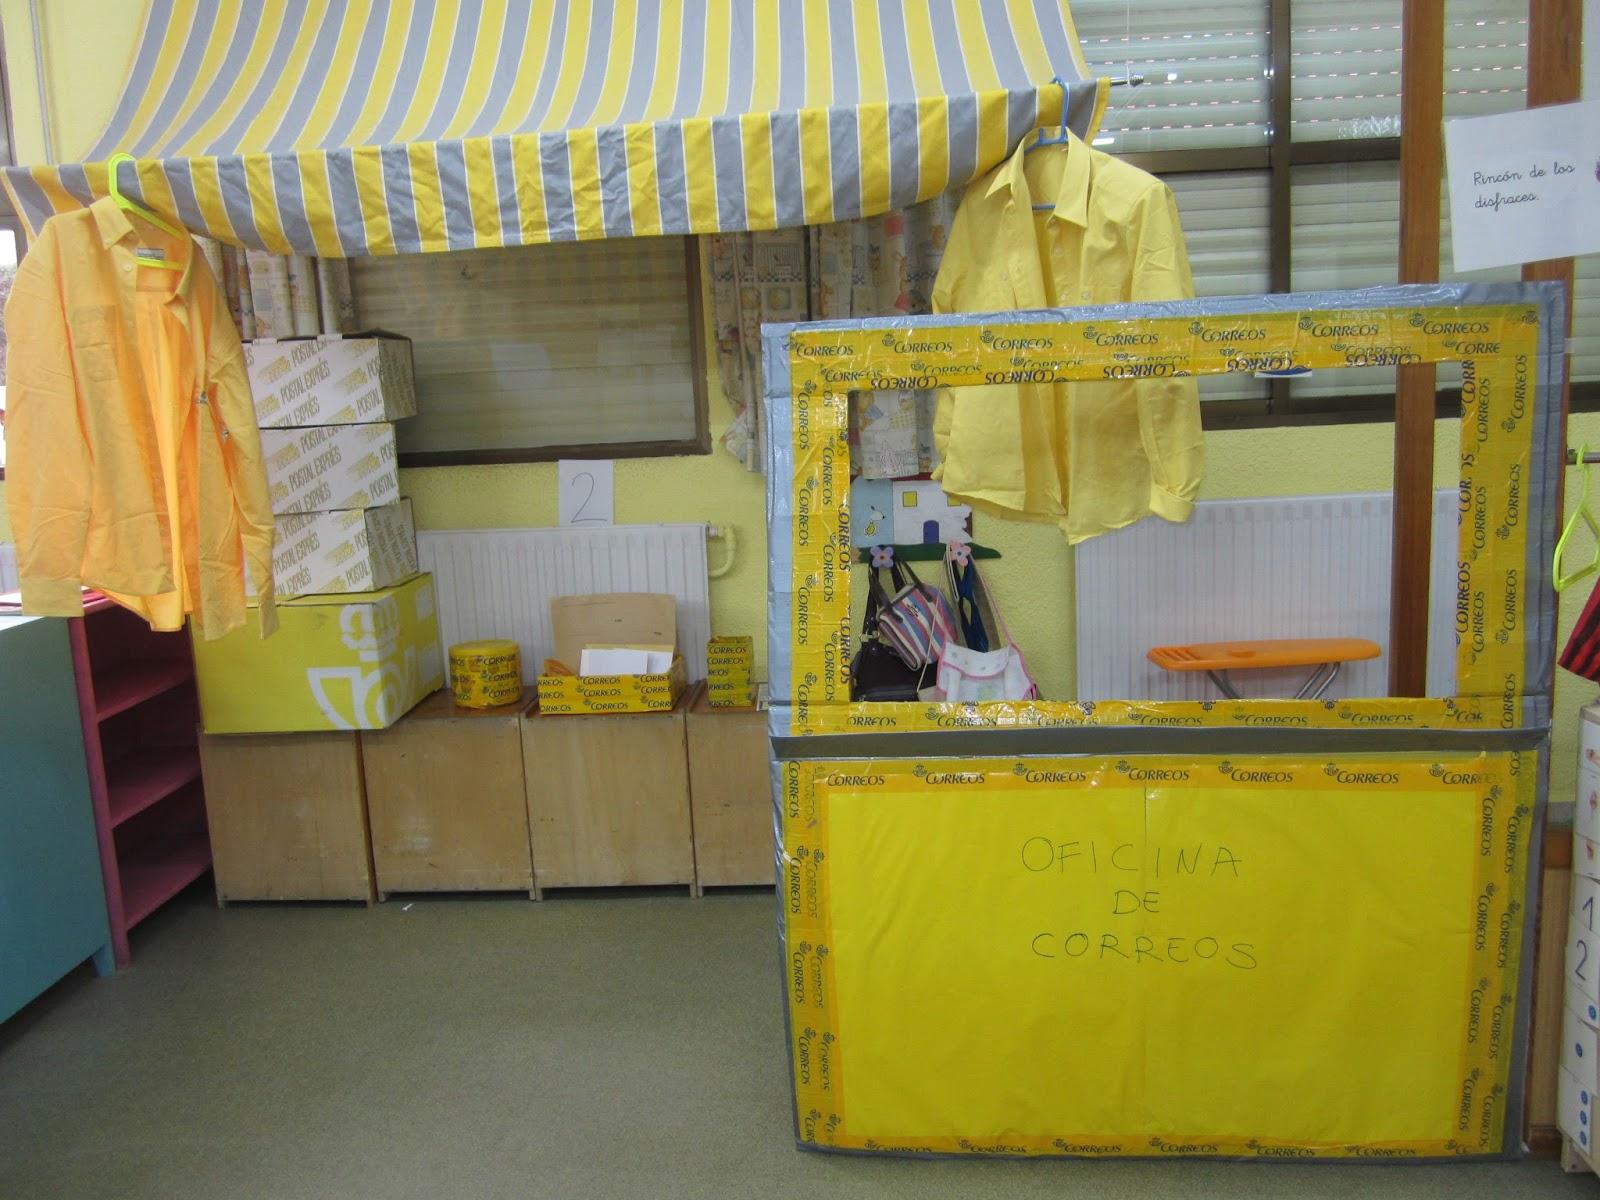 Maestranainfantil proyecto el cartero oficina de correos for Oficina de correos pinto